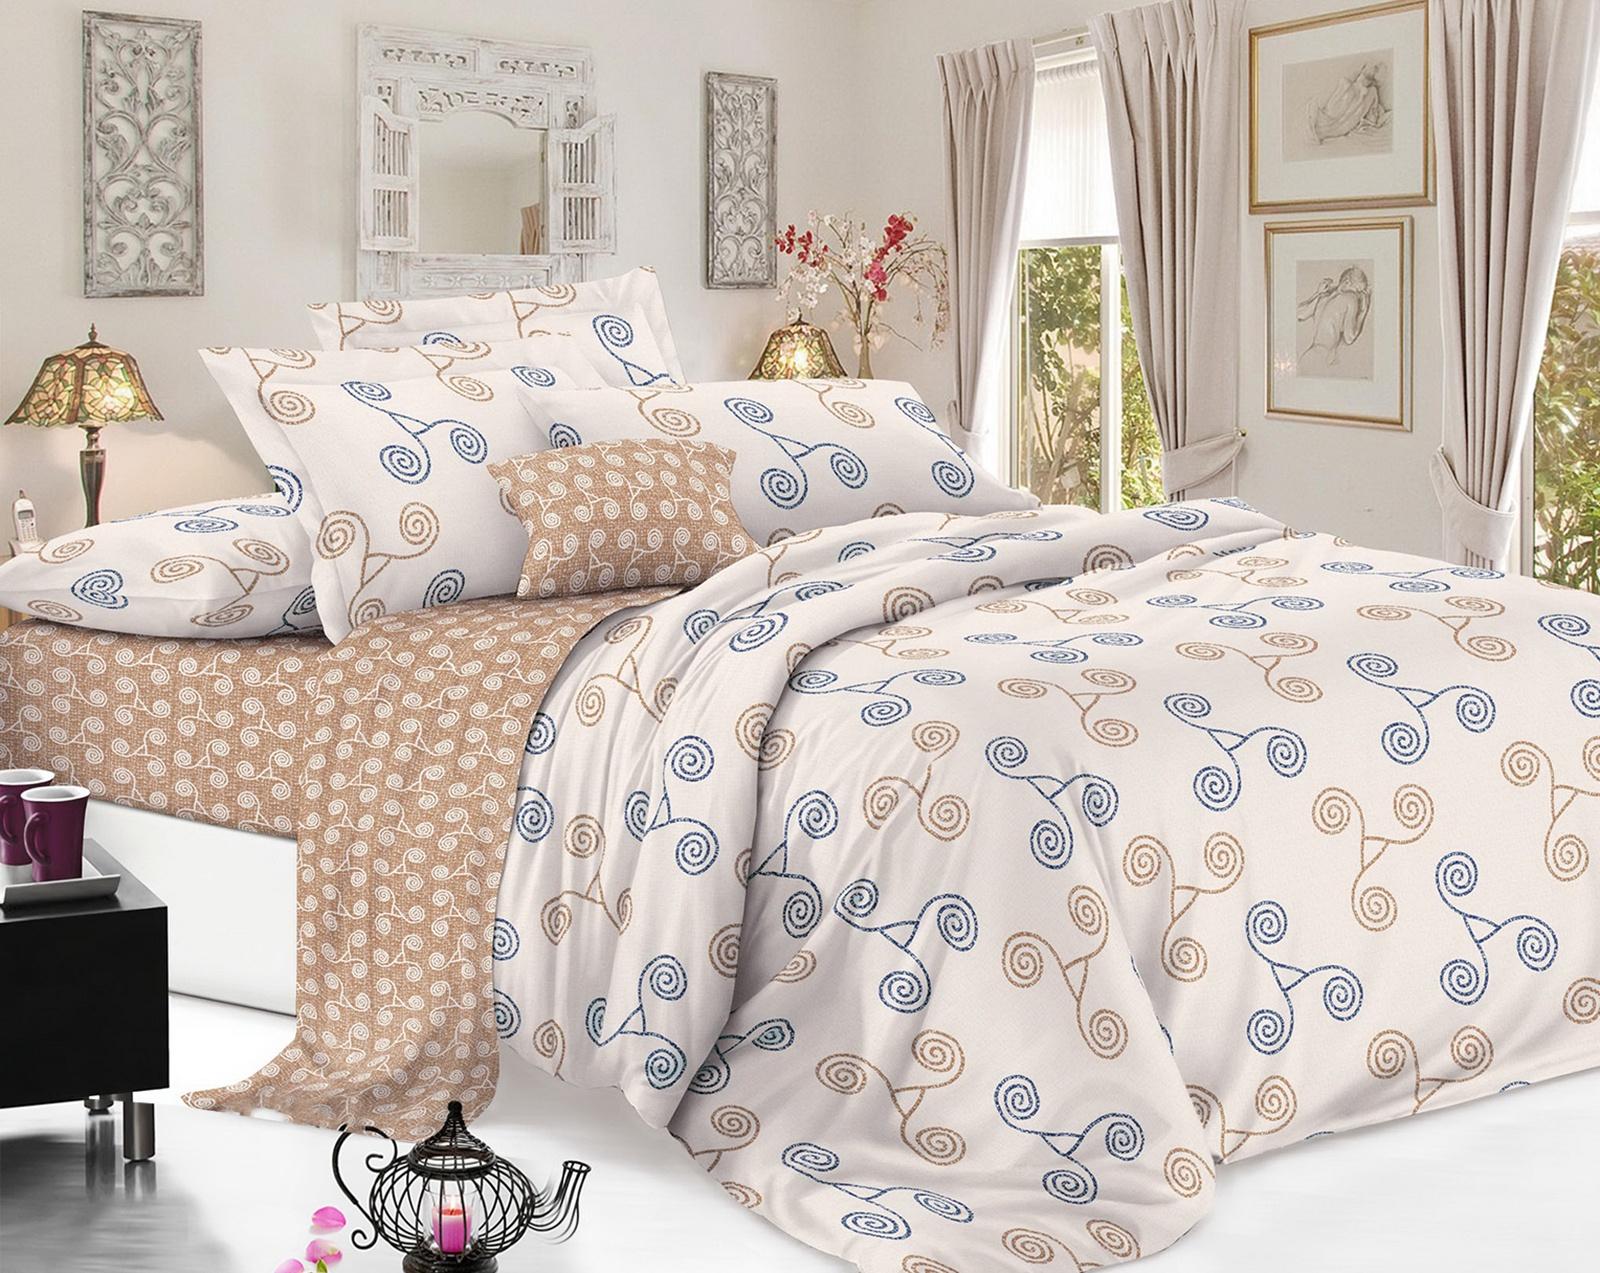 Комплект постельного белья ИМАТЕКС 1731-2е-70х70, светло-коричневый, светло-бежевый, темно-синий bravo м251 12 04 1731 1 коллаж 2е